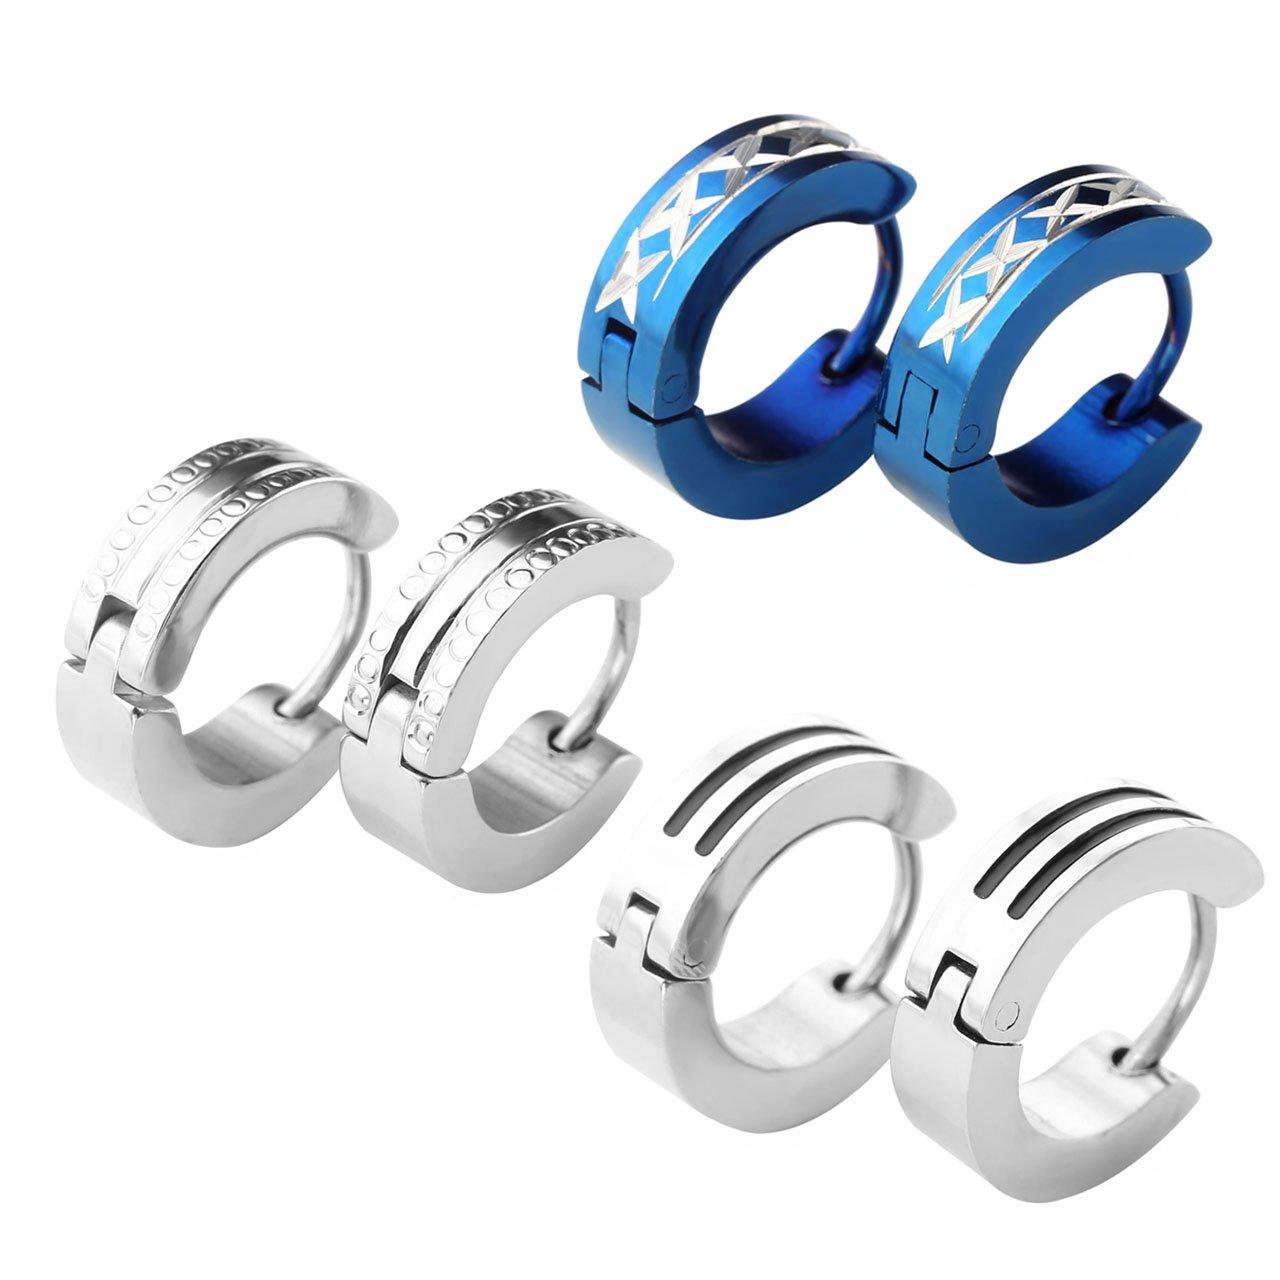 Zysta 3 Paires Boucle d\'oreille Créoles Earrings Rond pour Homme Femme Unisexe Punk 4mm Haut de Gamme Acier Inoxydable Cadeau